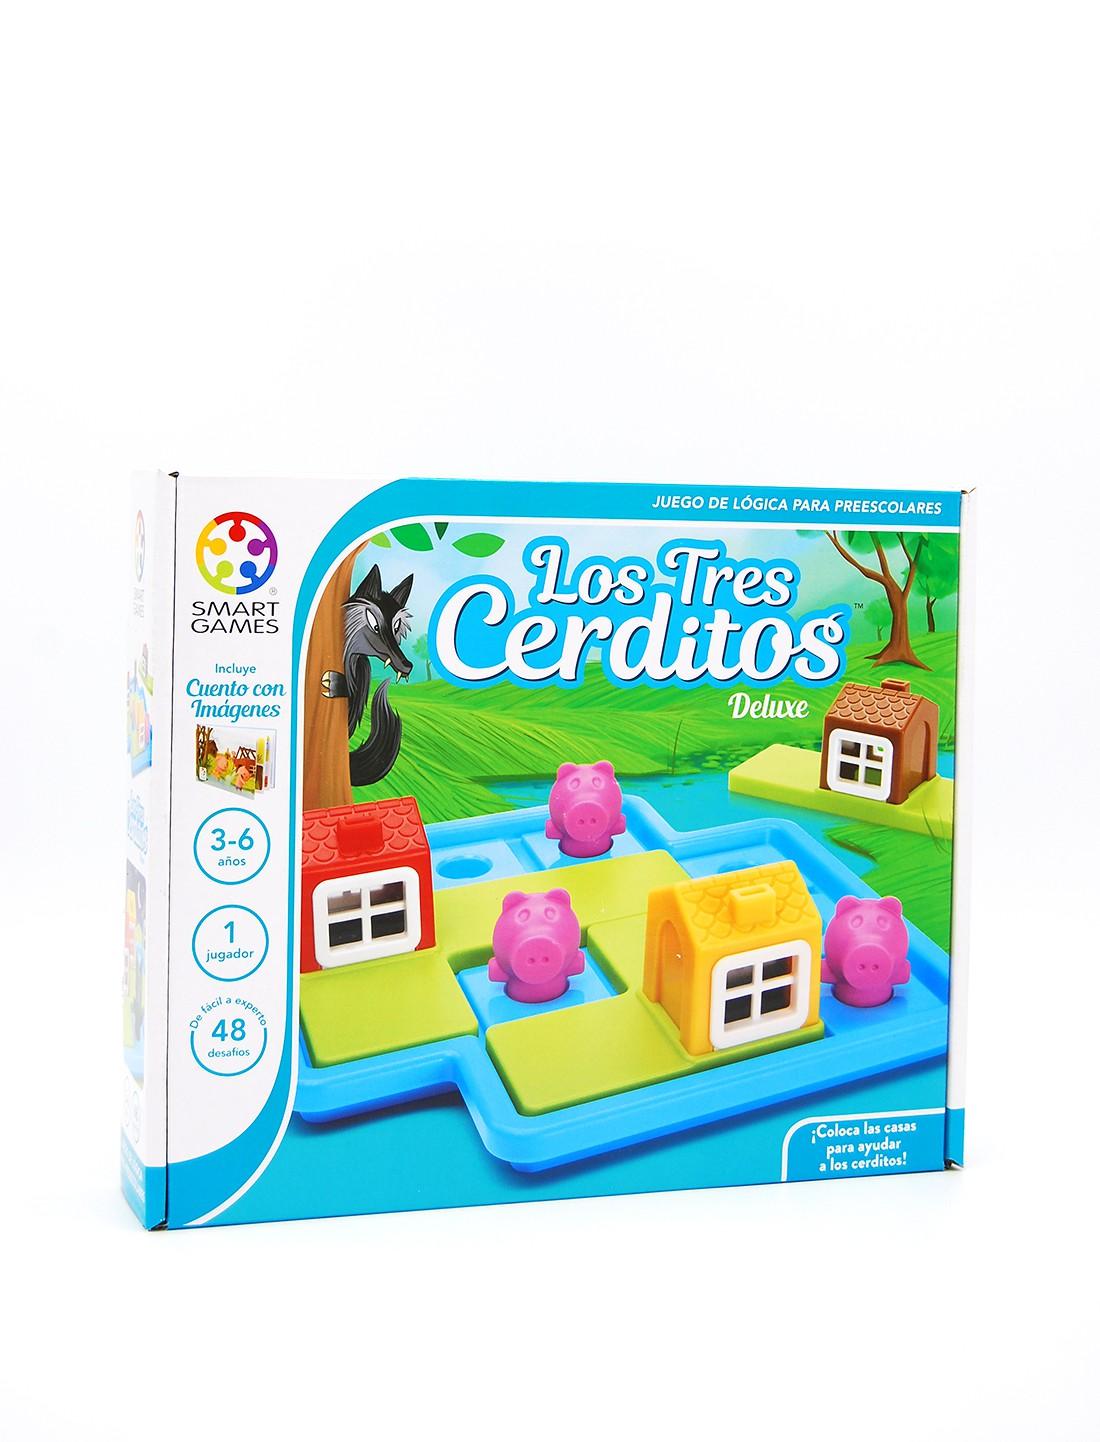 Los tres cerditos Deluxe. Smart Games